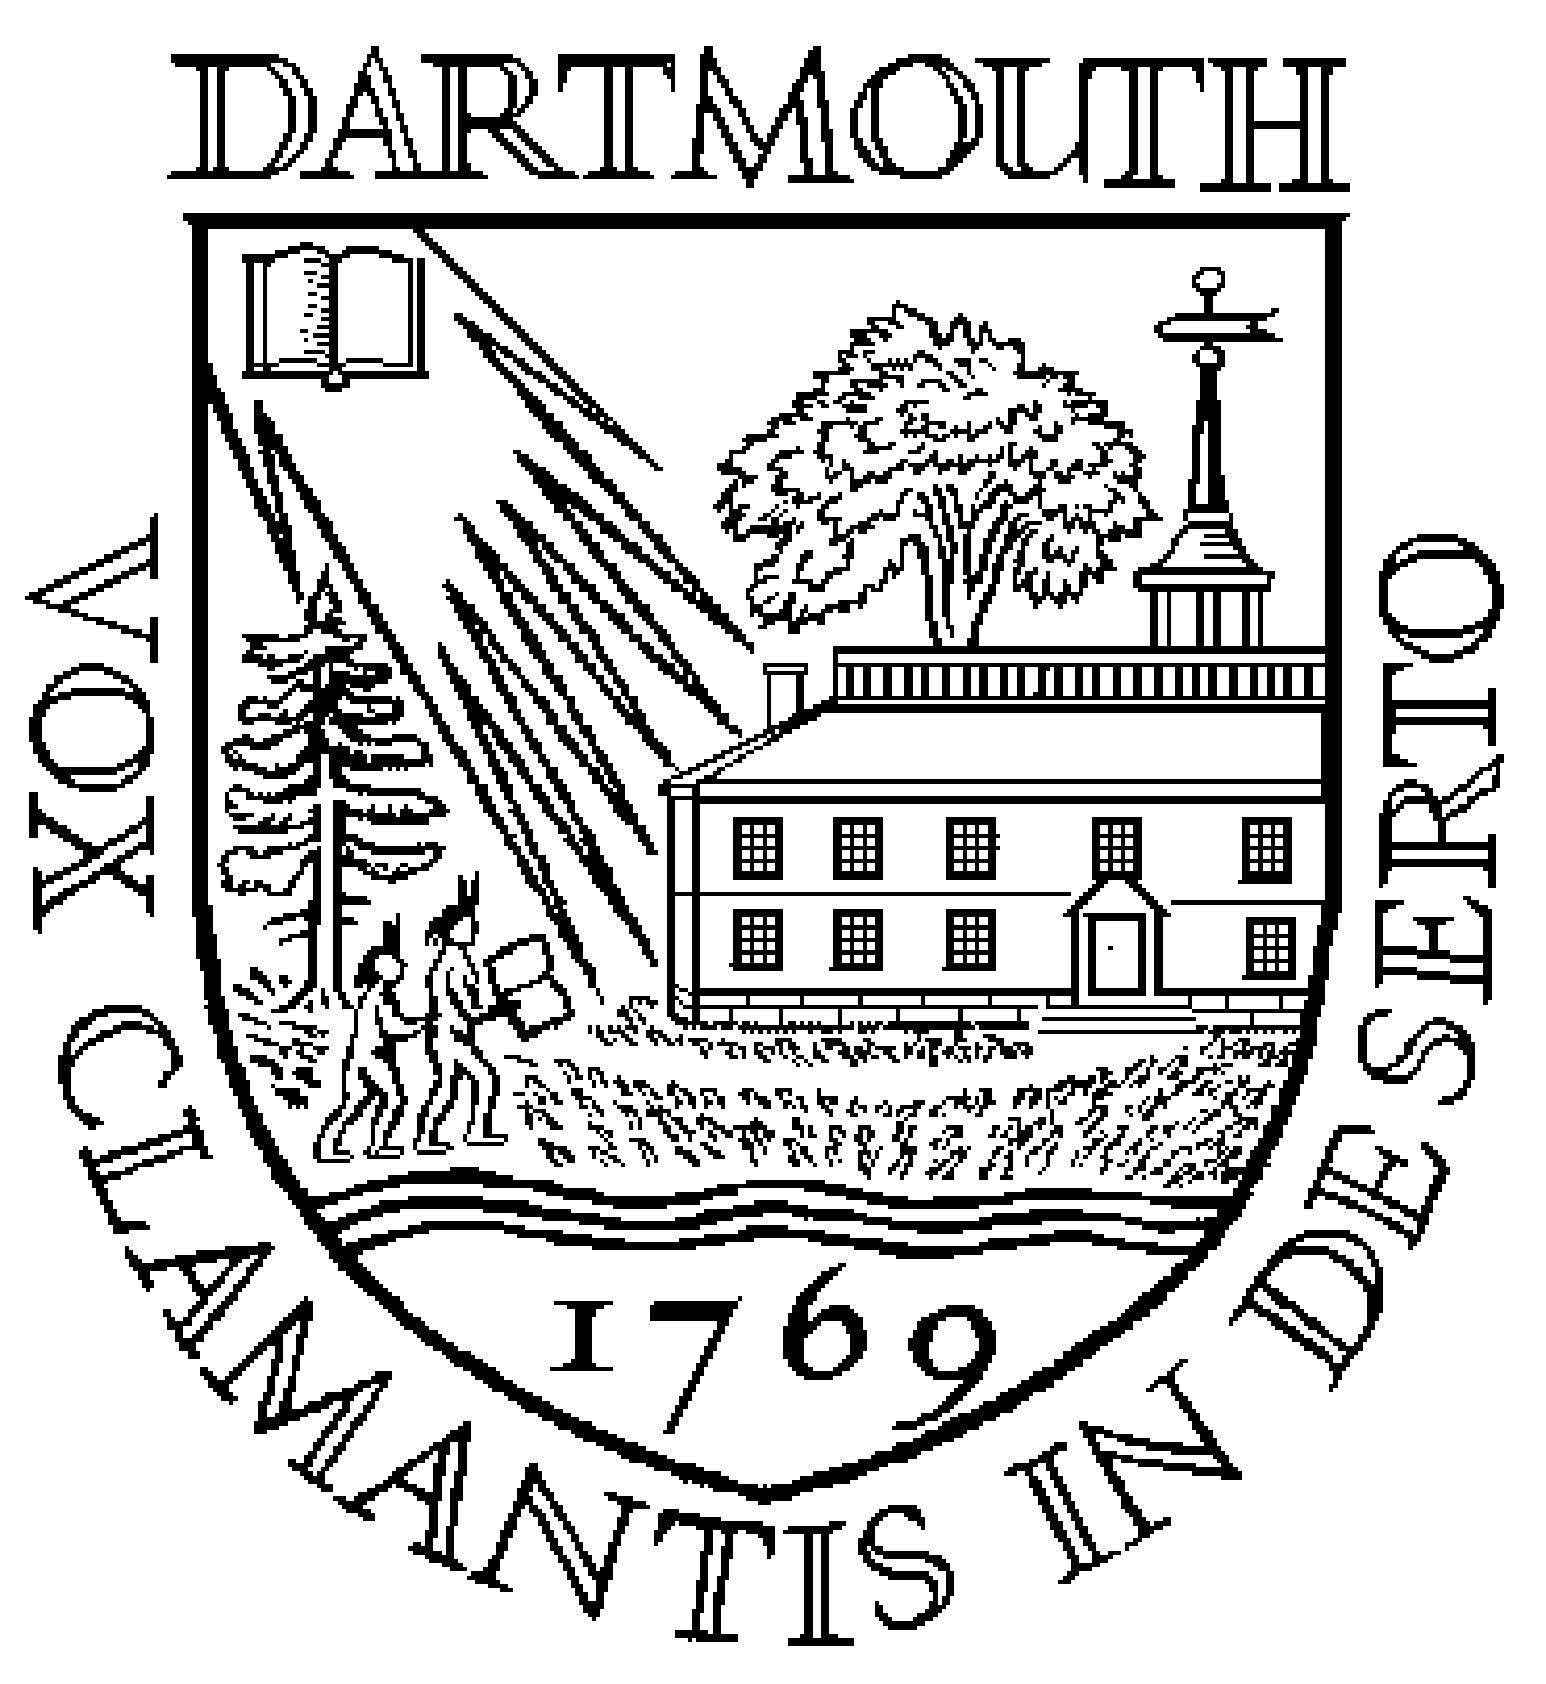 Dartmouth College company